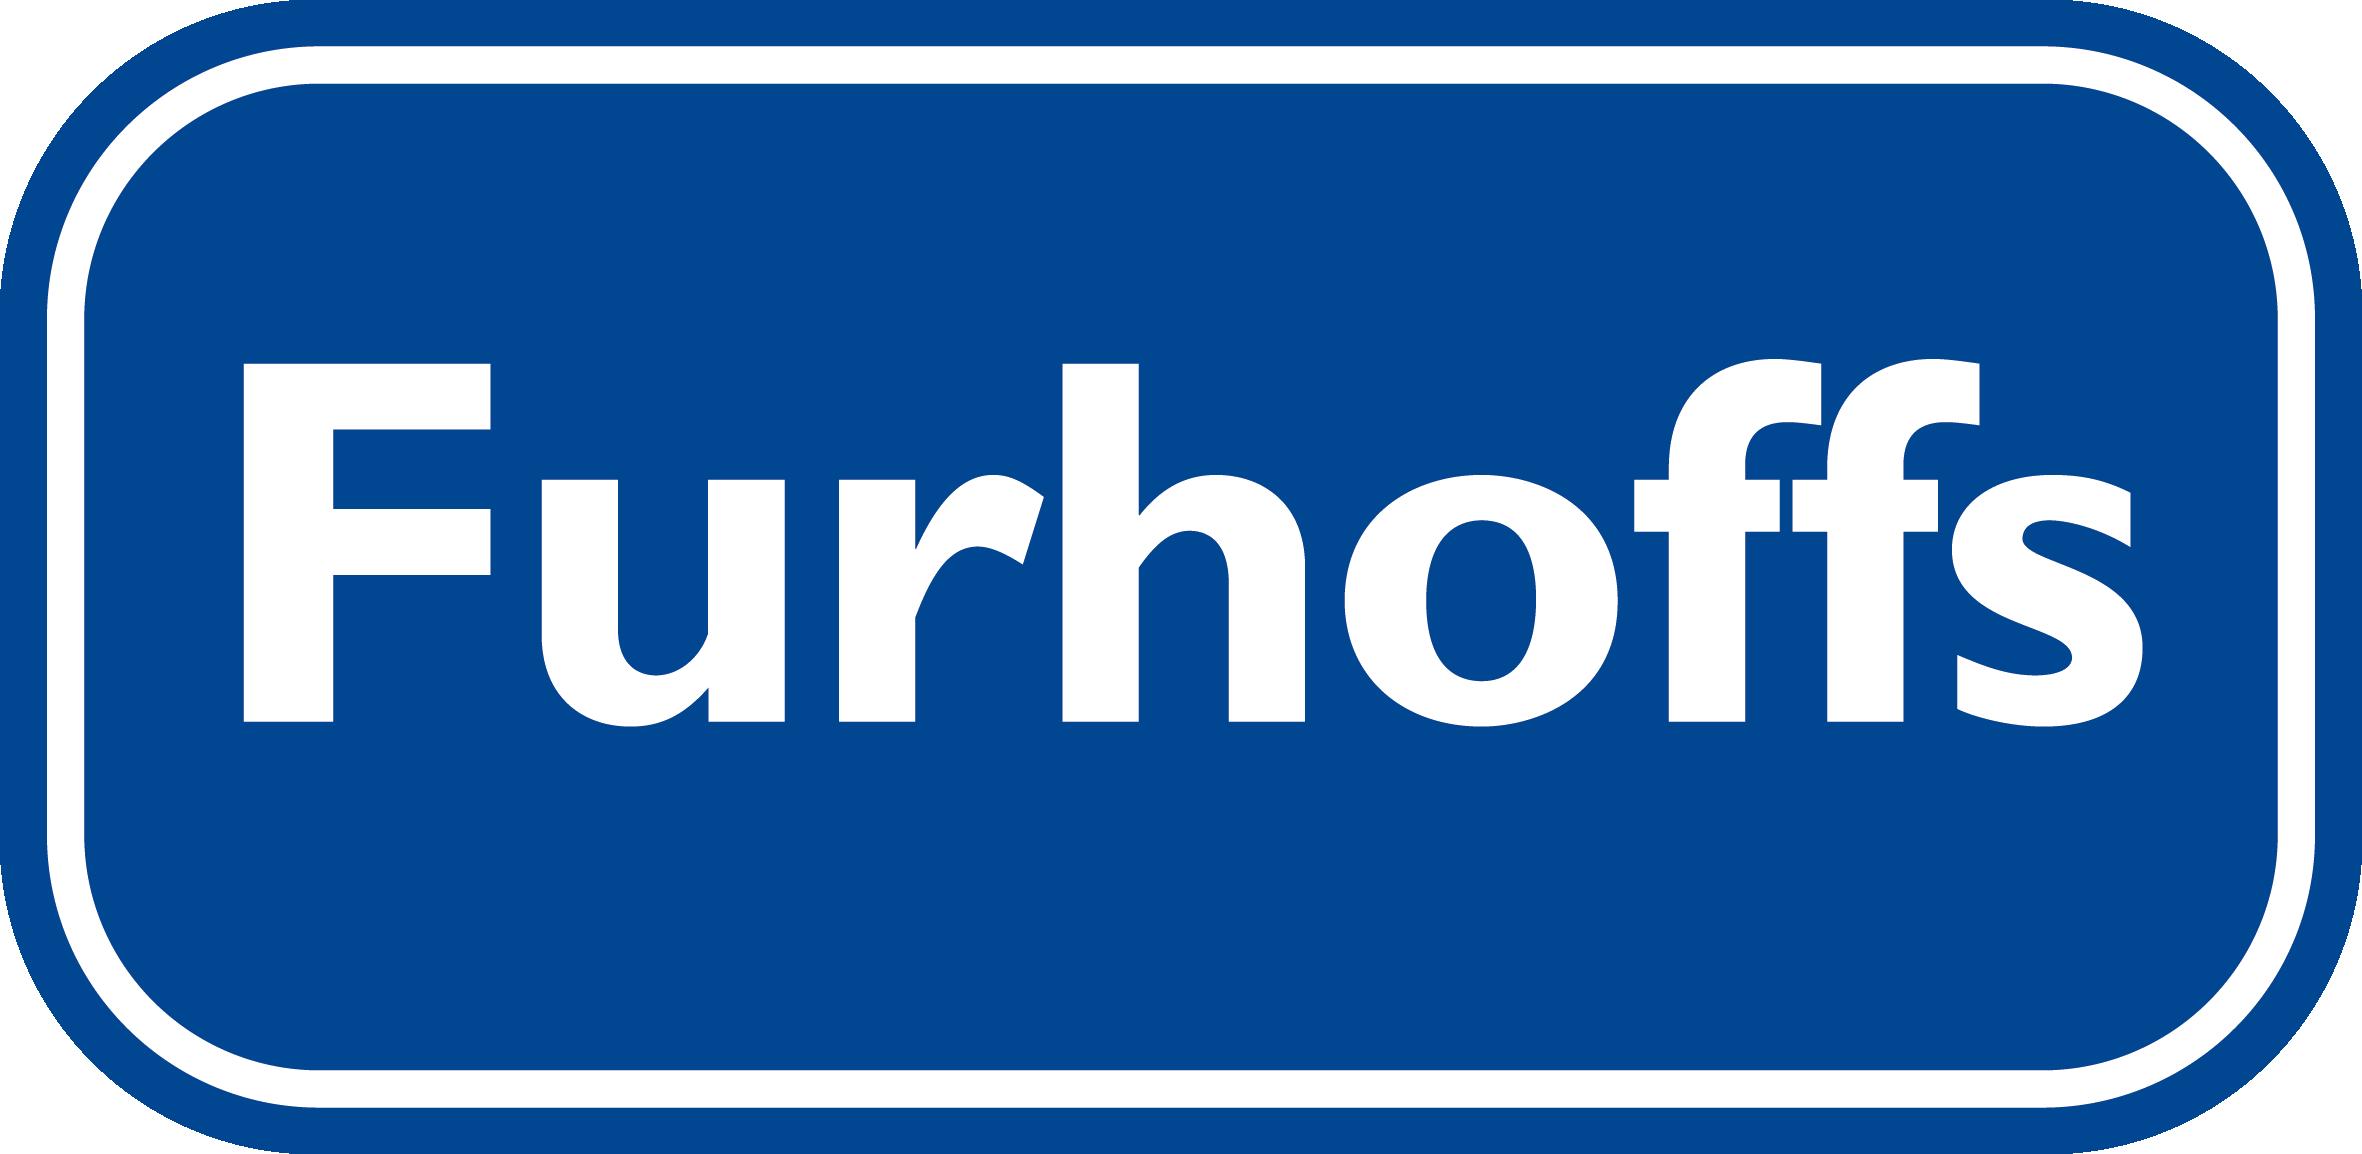 AB Furhoffs Rostfria